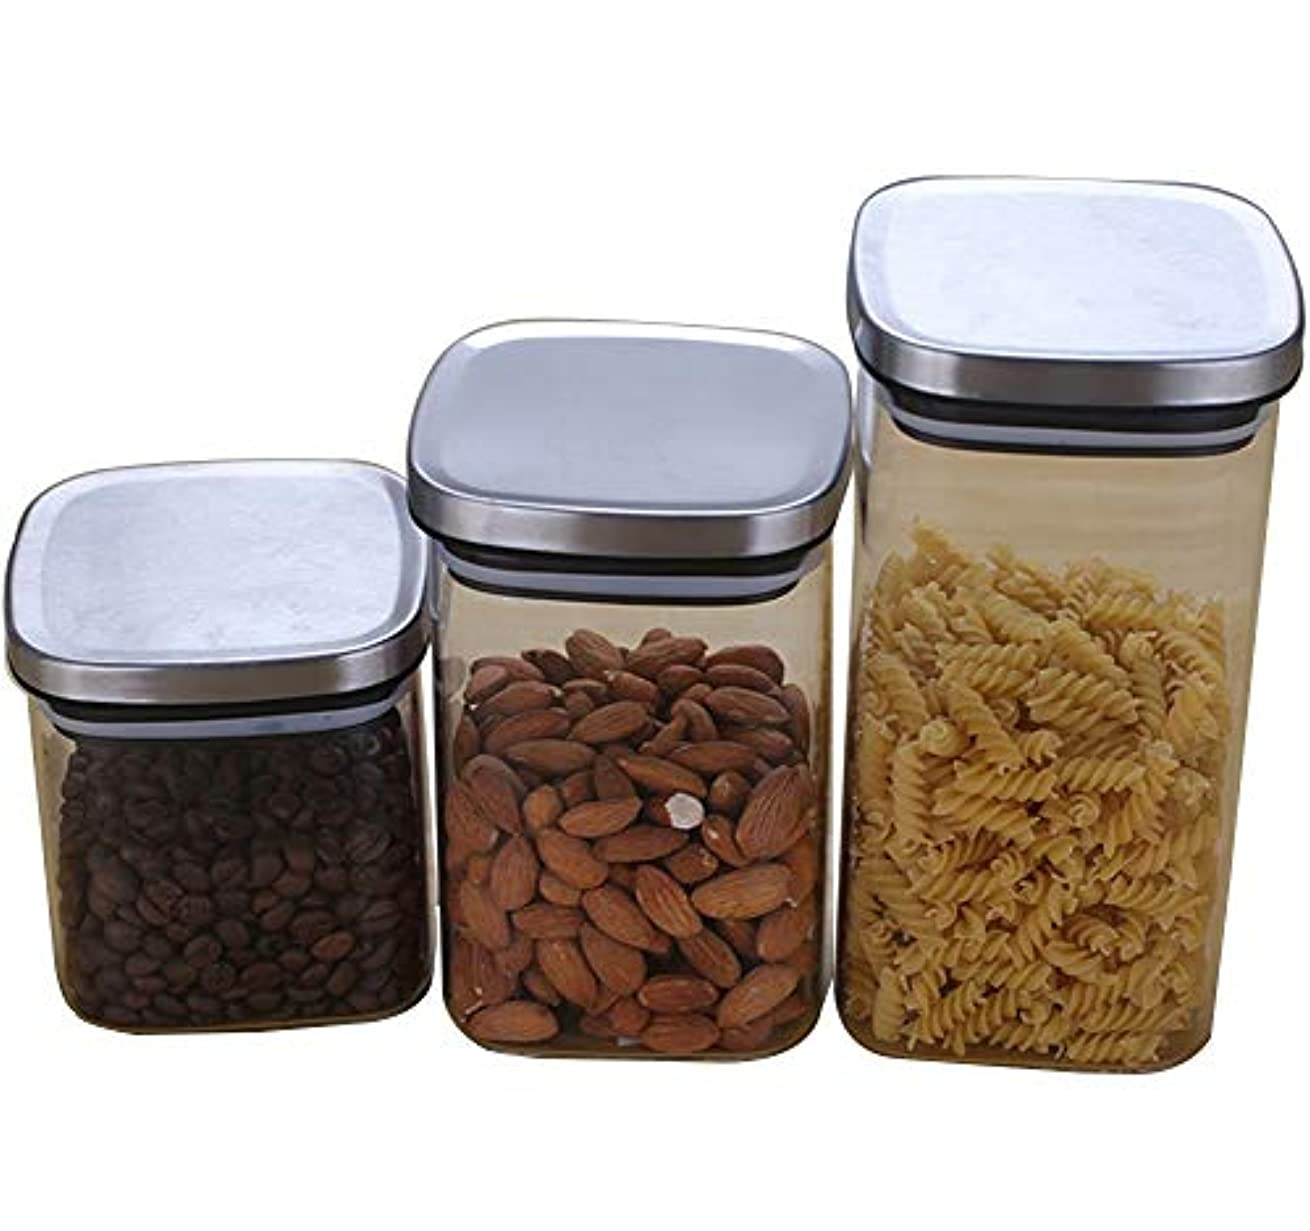 珍味正当な降臨3つの透明ガラスの貯蔵瓶パックは、ドライフルーツ/キャンディ/お茶の貯蔵瓶を密閉タンク